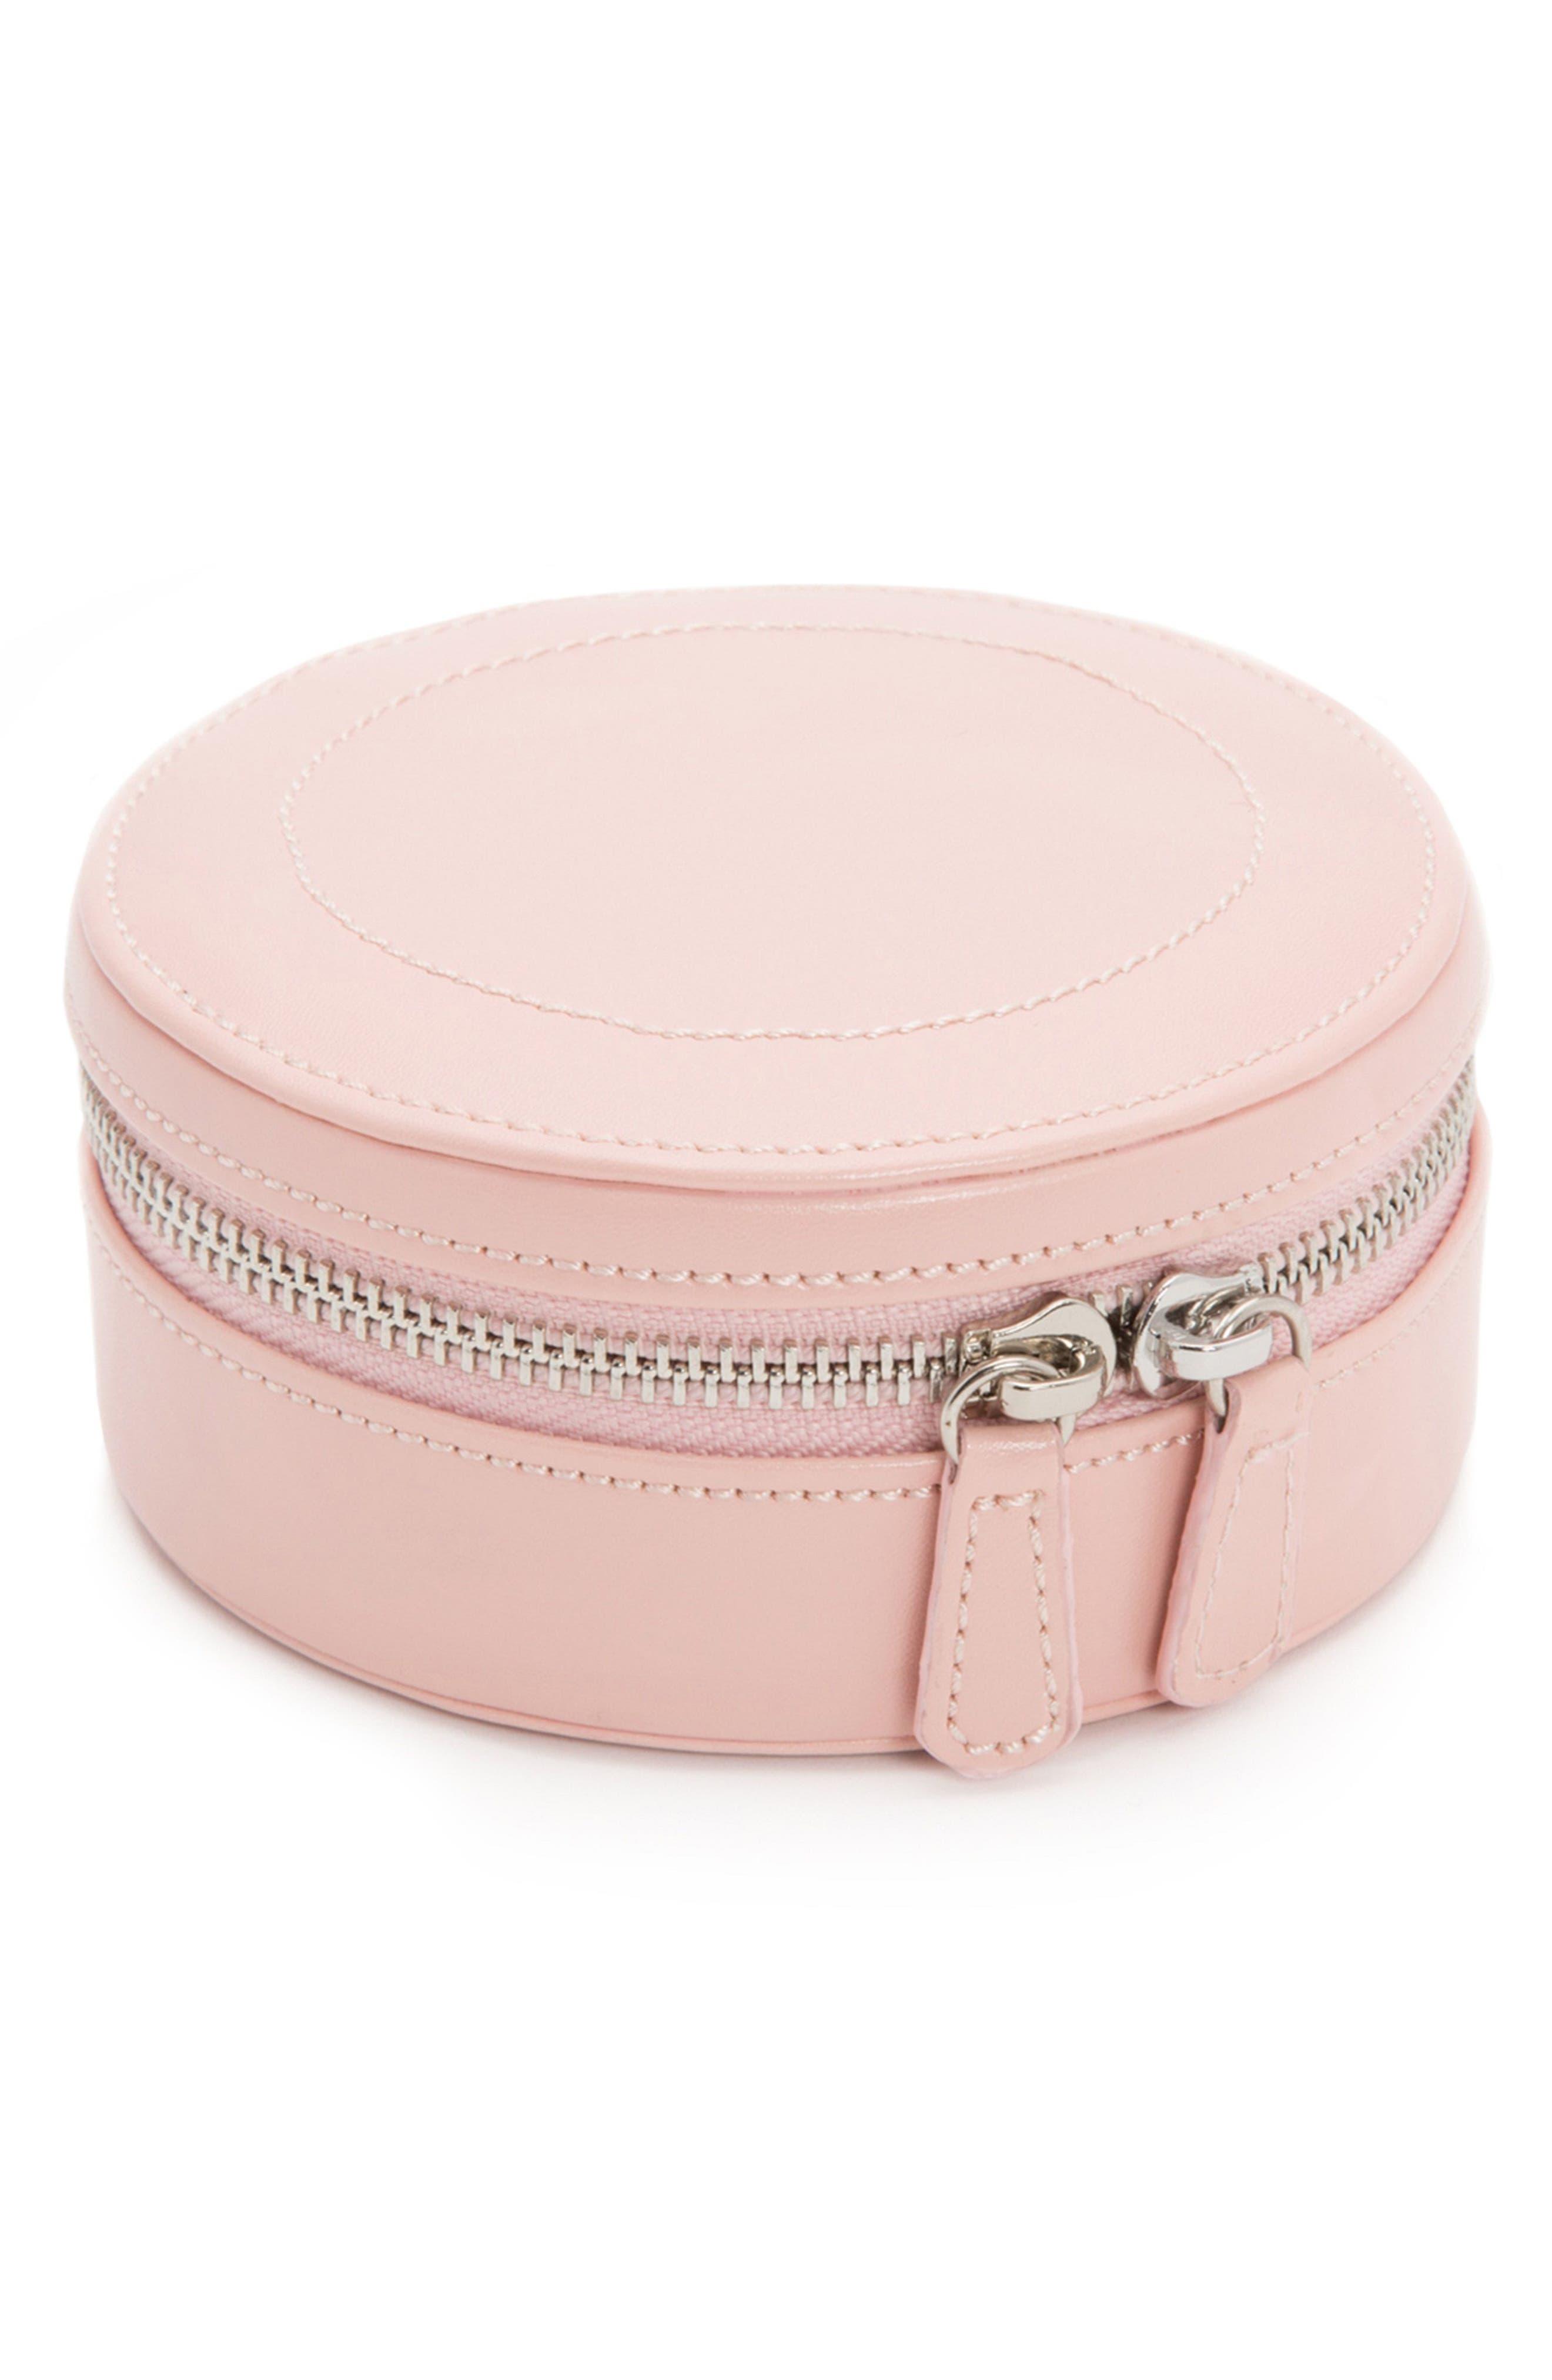 Sophia Round Zip Case,                         Main,                         color, Rose